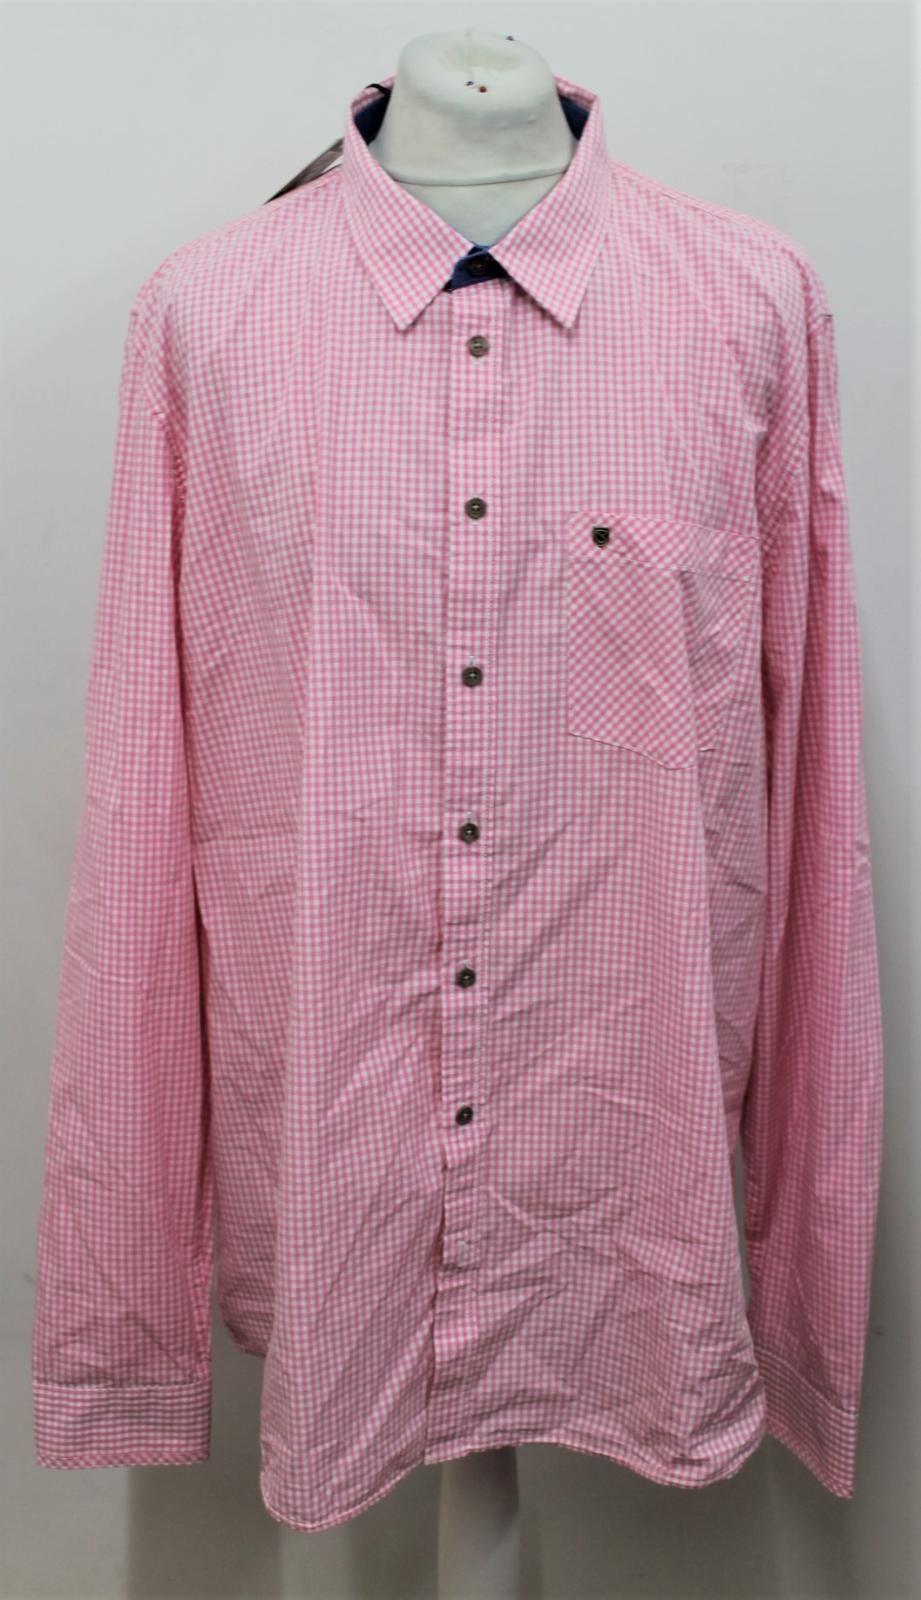 BNWT Dubarry uomo clonbrock rosa MANICA LUNGA PURO COTONE Check camicia taglia 3XL